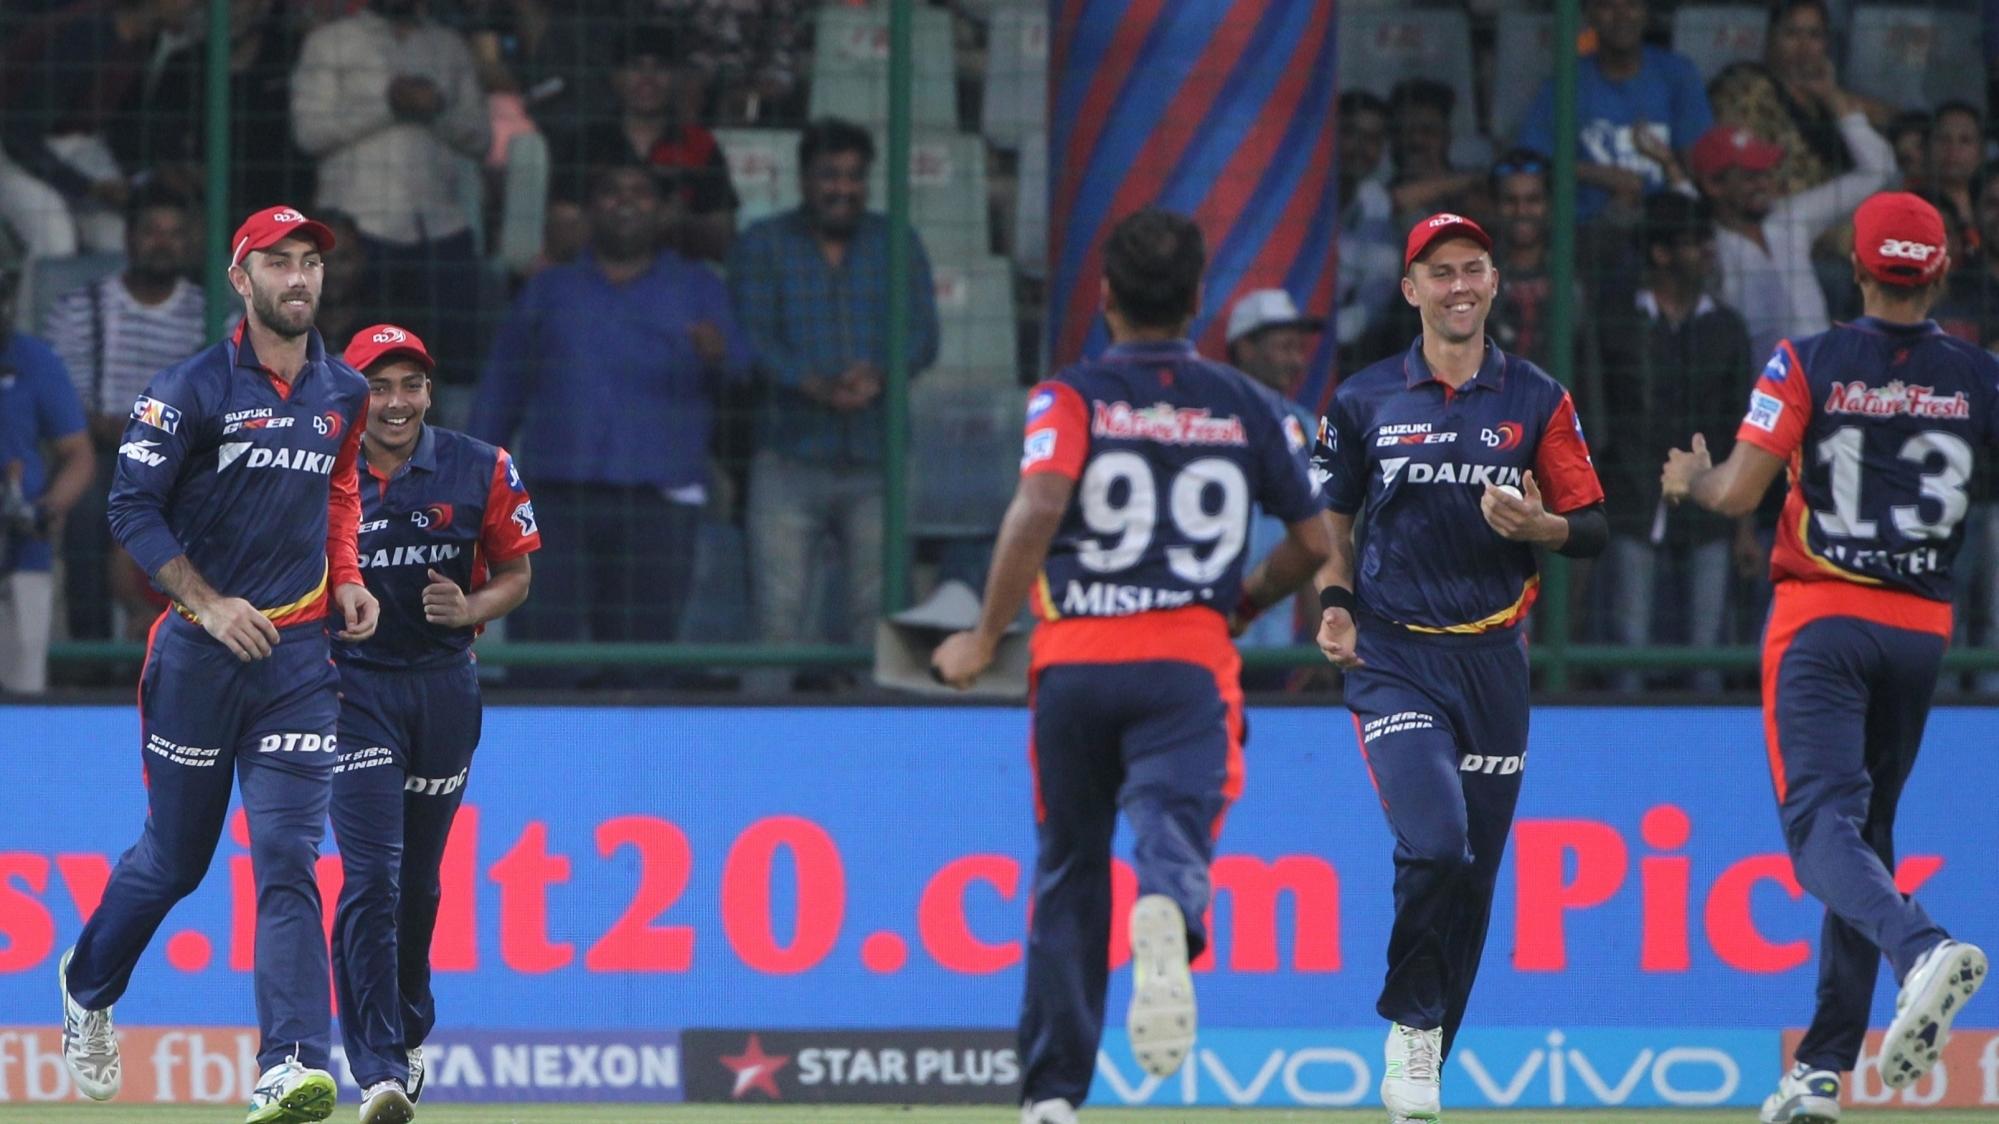 IPL 2018 : दिल्ली की इस 'फील्डिंग जोड़ी' ने अपने शानदार प्रयासों से किया दर्शकों को हैरान